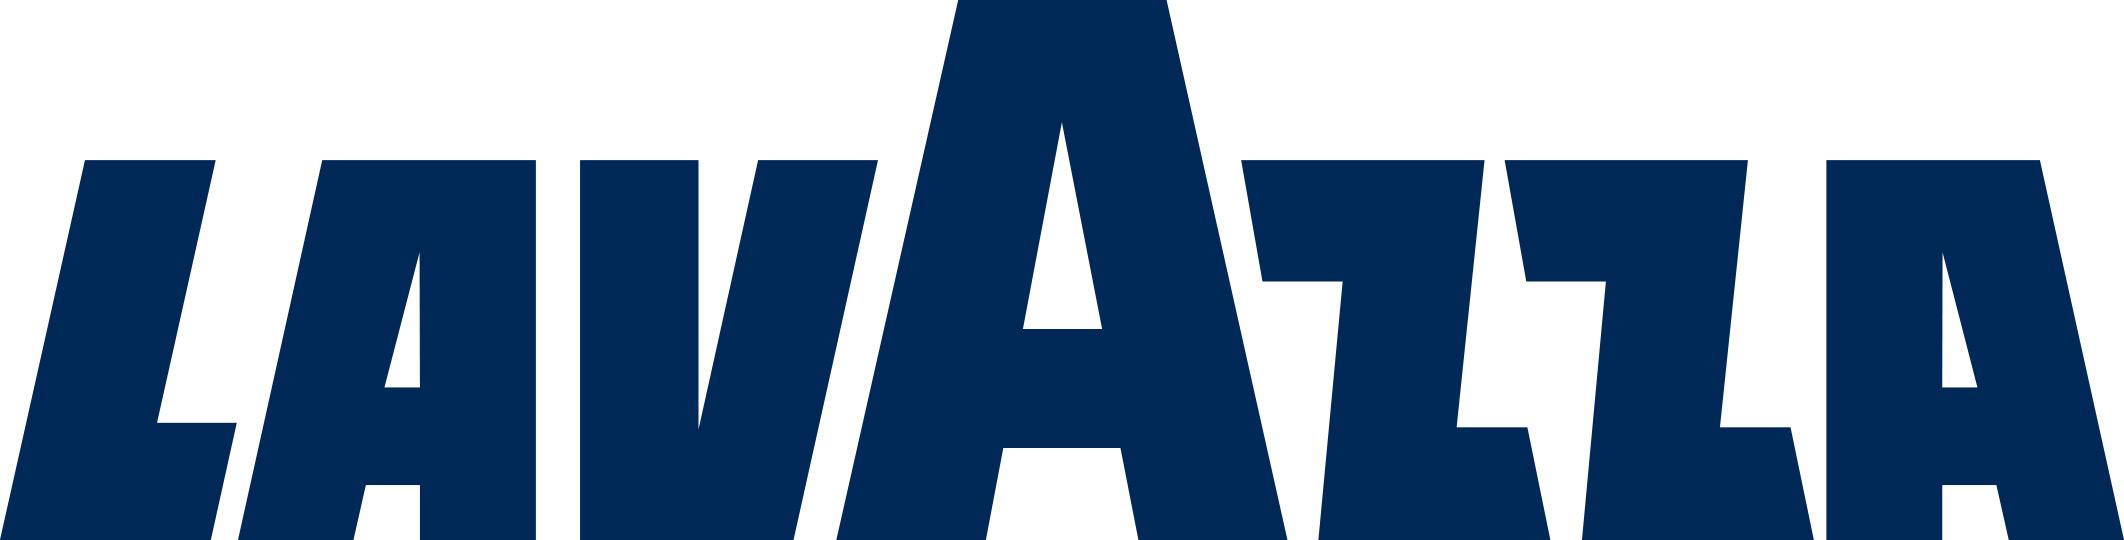 logo-Master-Blu-Lavazza-orizzontale